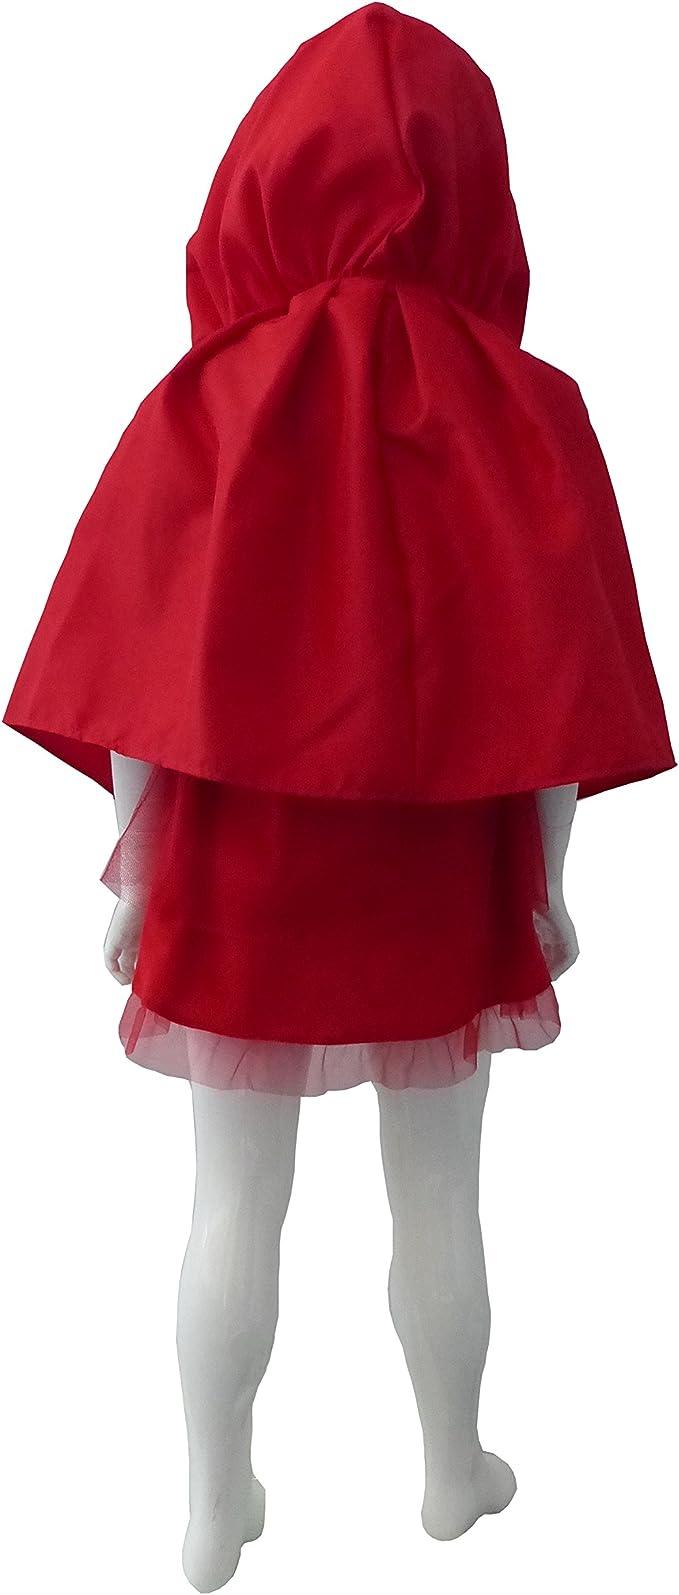 César E863-001 - Disfraz infantil de Caperucita roja (5-7 años ...